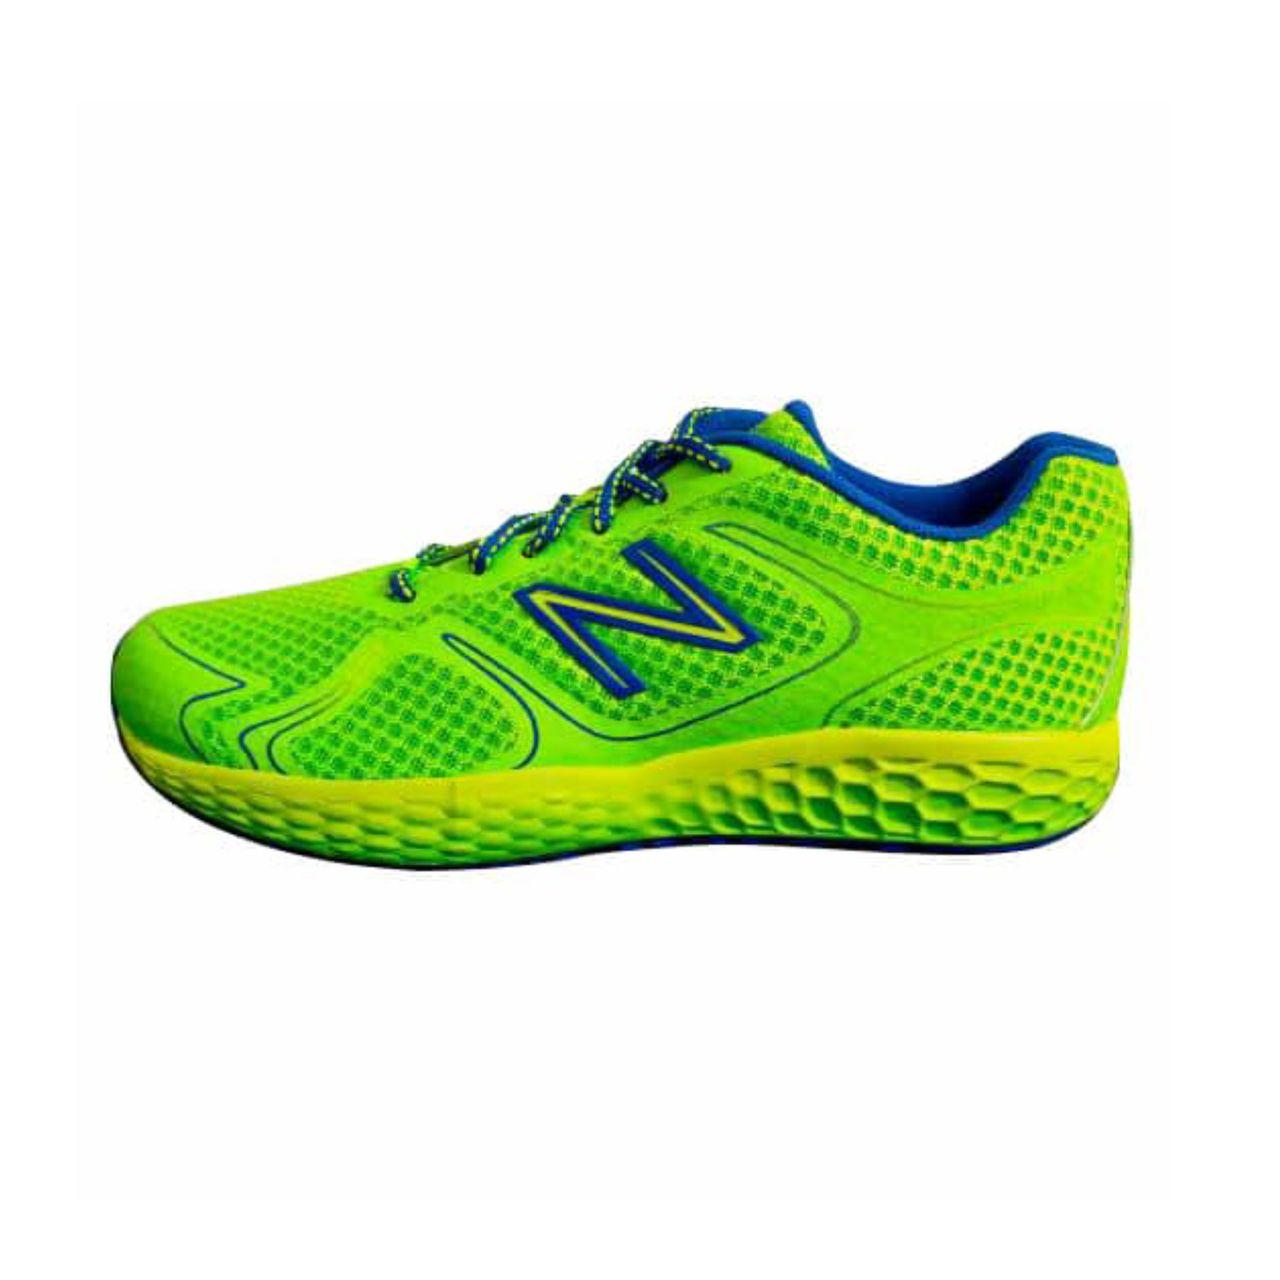 کفش پیاده روی زنانه نیو بالانس مدل fresh foam 980